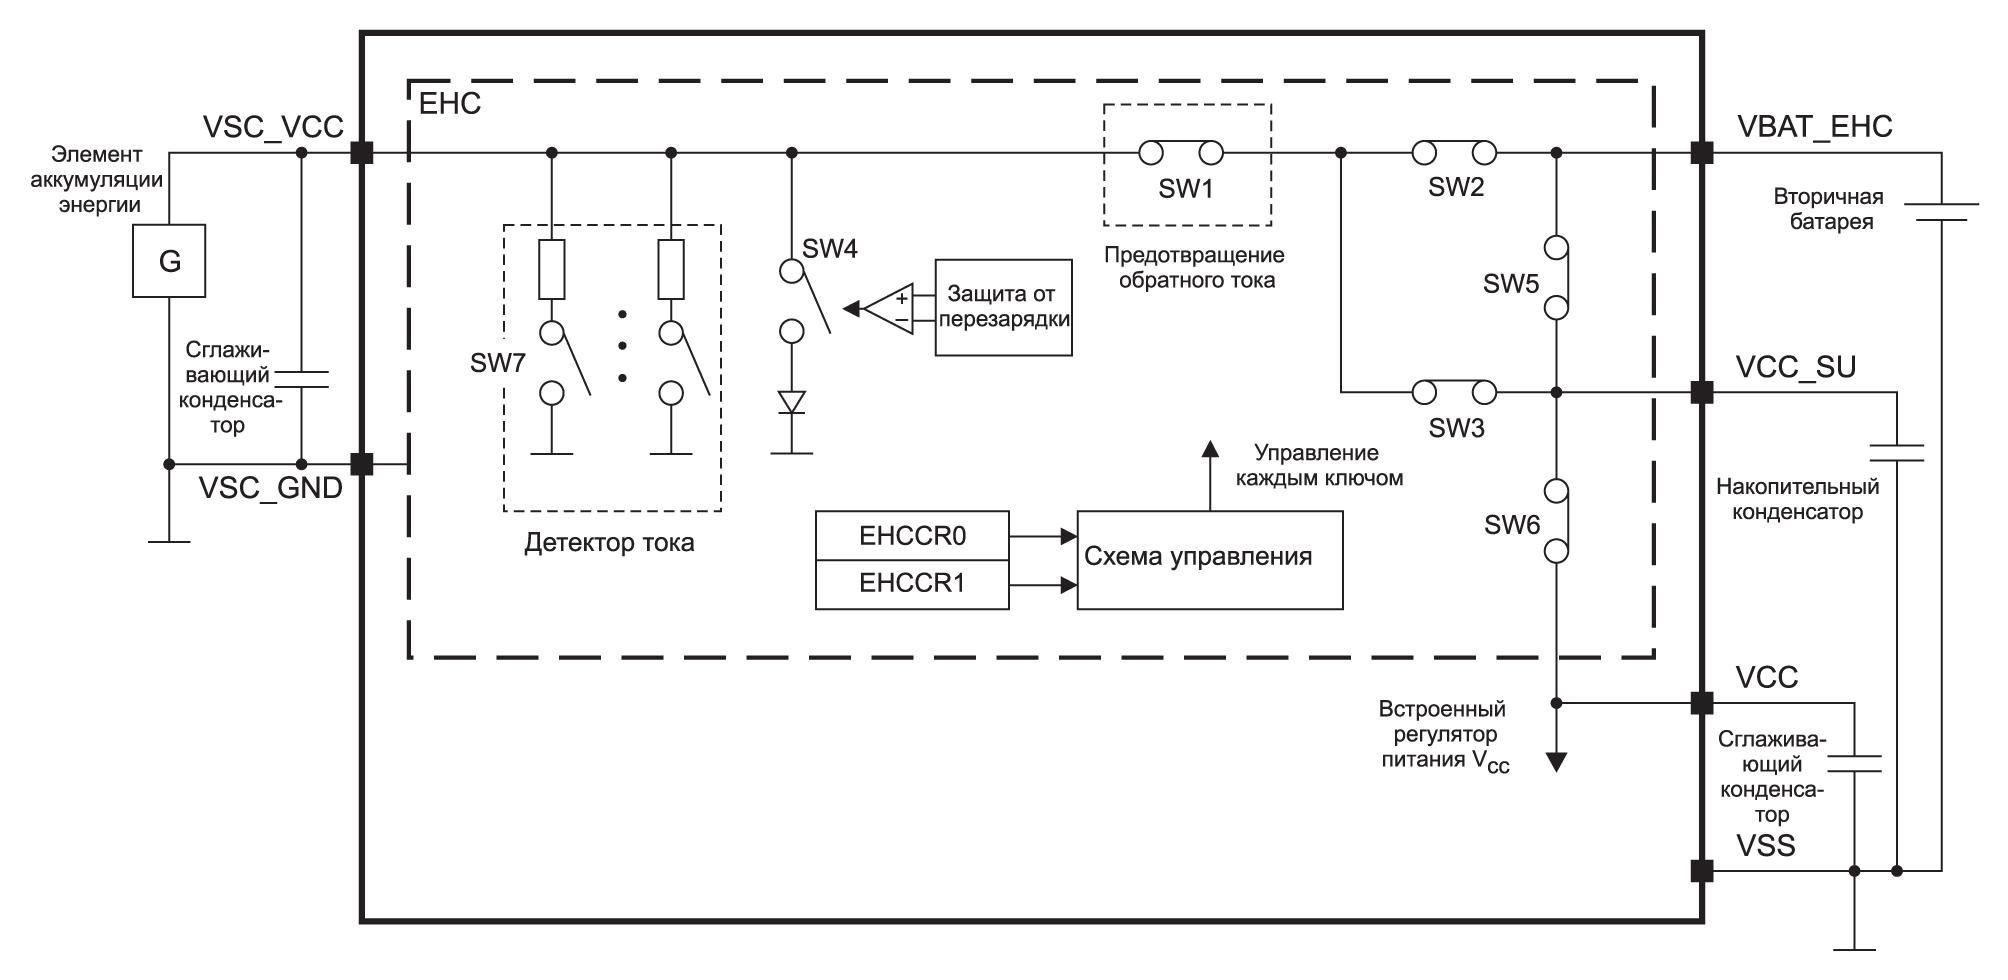 Структурная схема контроллера EHC